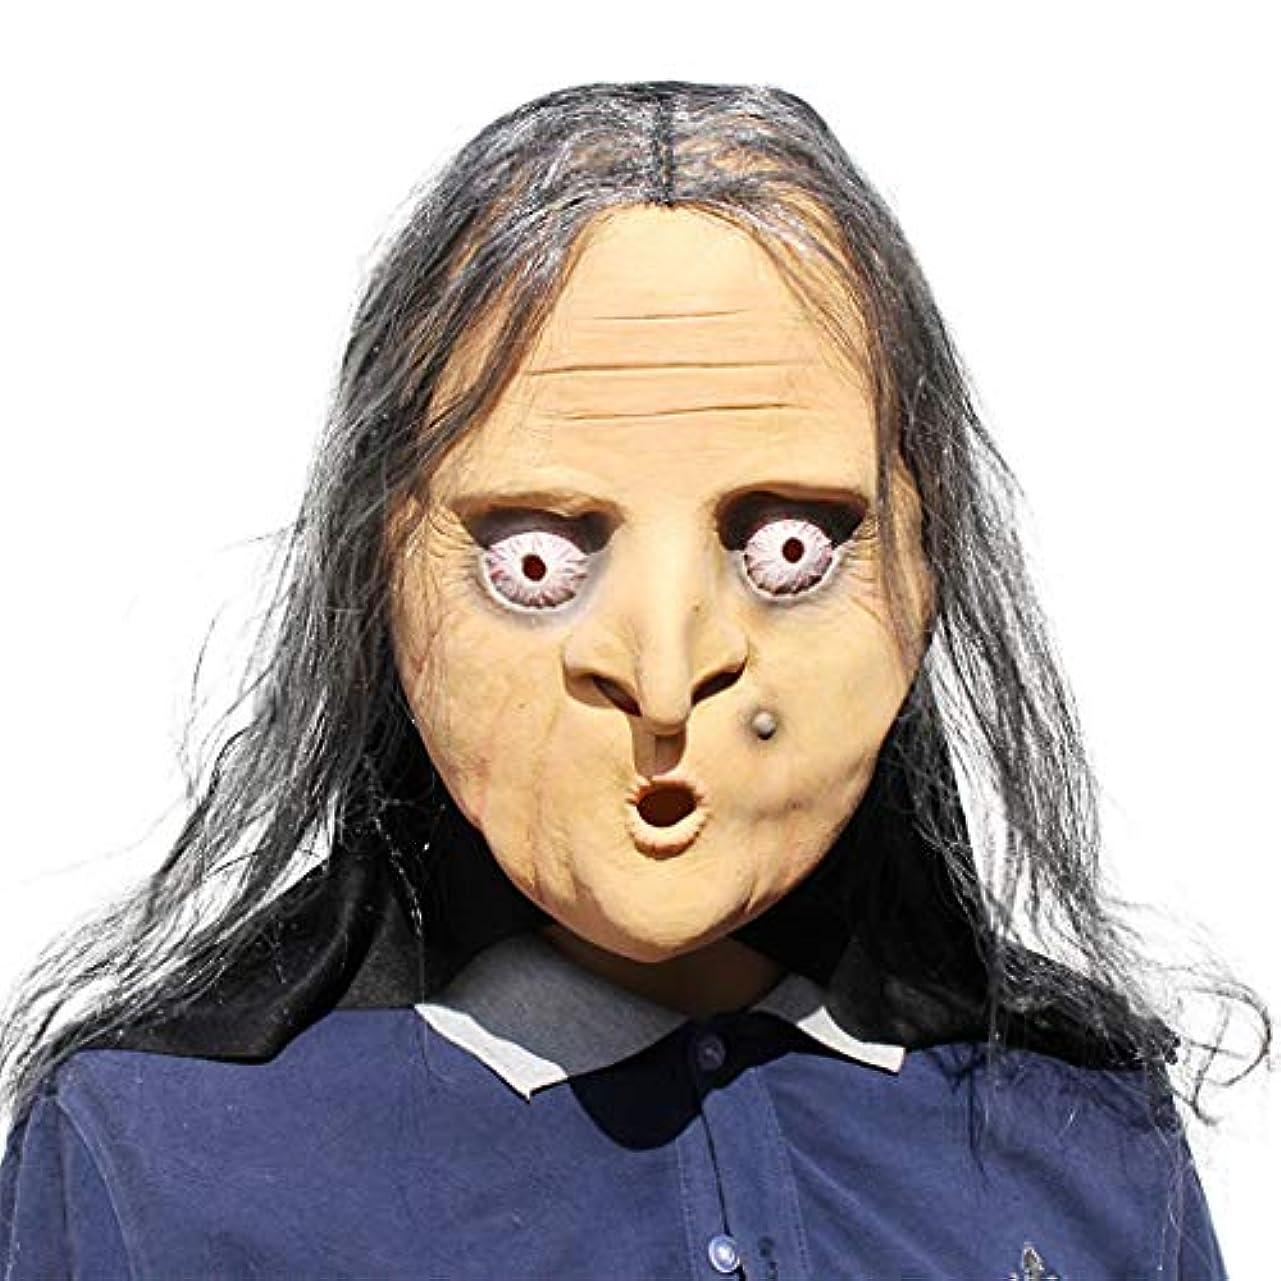 プロテスタント丘残酷なハロウィーンマスク、ラテックスマスク、なりすまし魔女怖い通気性快適なフード、ハロウィーン仮装用、ギフト、コスチュームパーティー、イースター